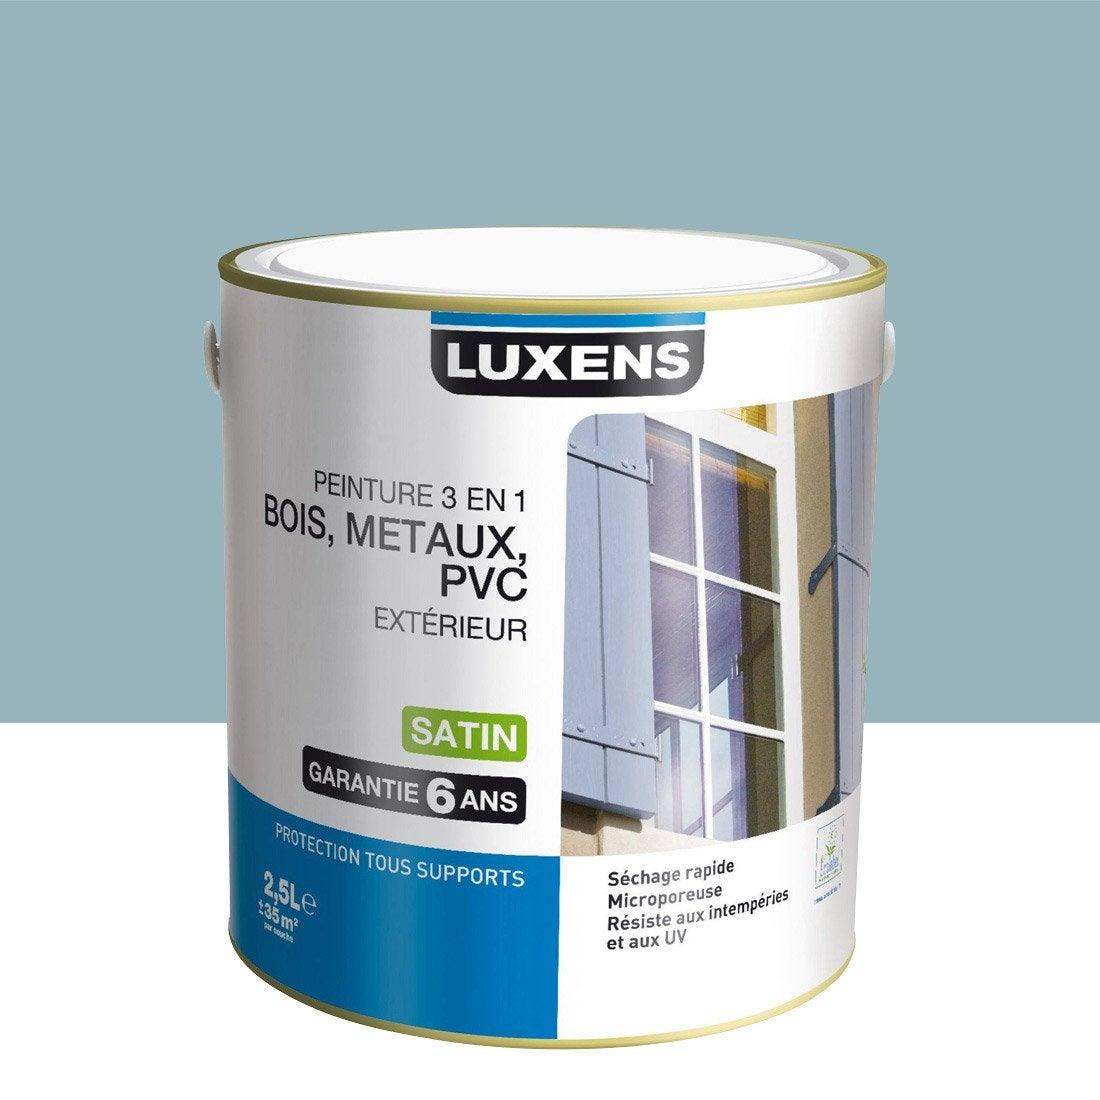 Peinture bois m taux et pvc ext rieur 3en1 luxens satin bleu ol ron 2 5l leroy merlin for Peinture pvc exterieur ral